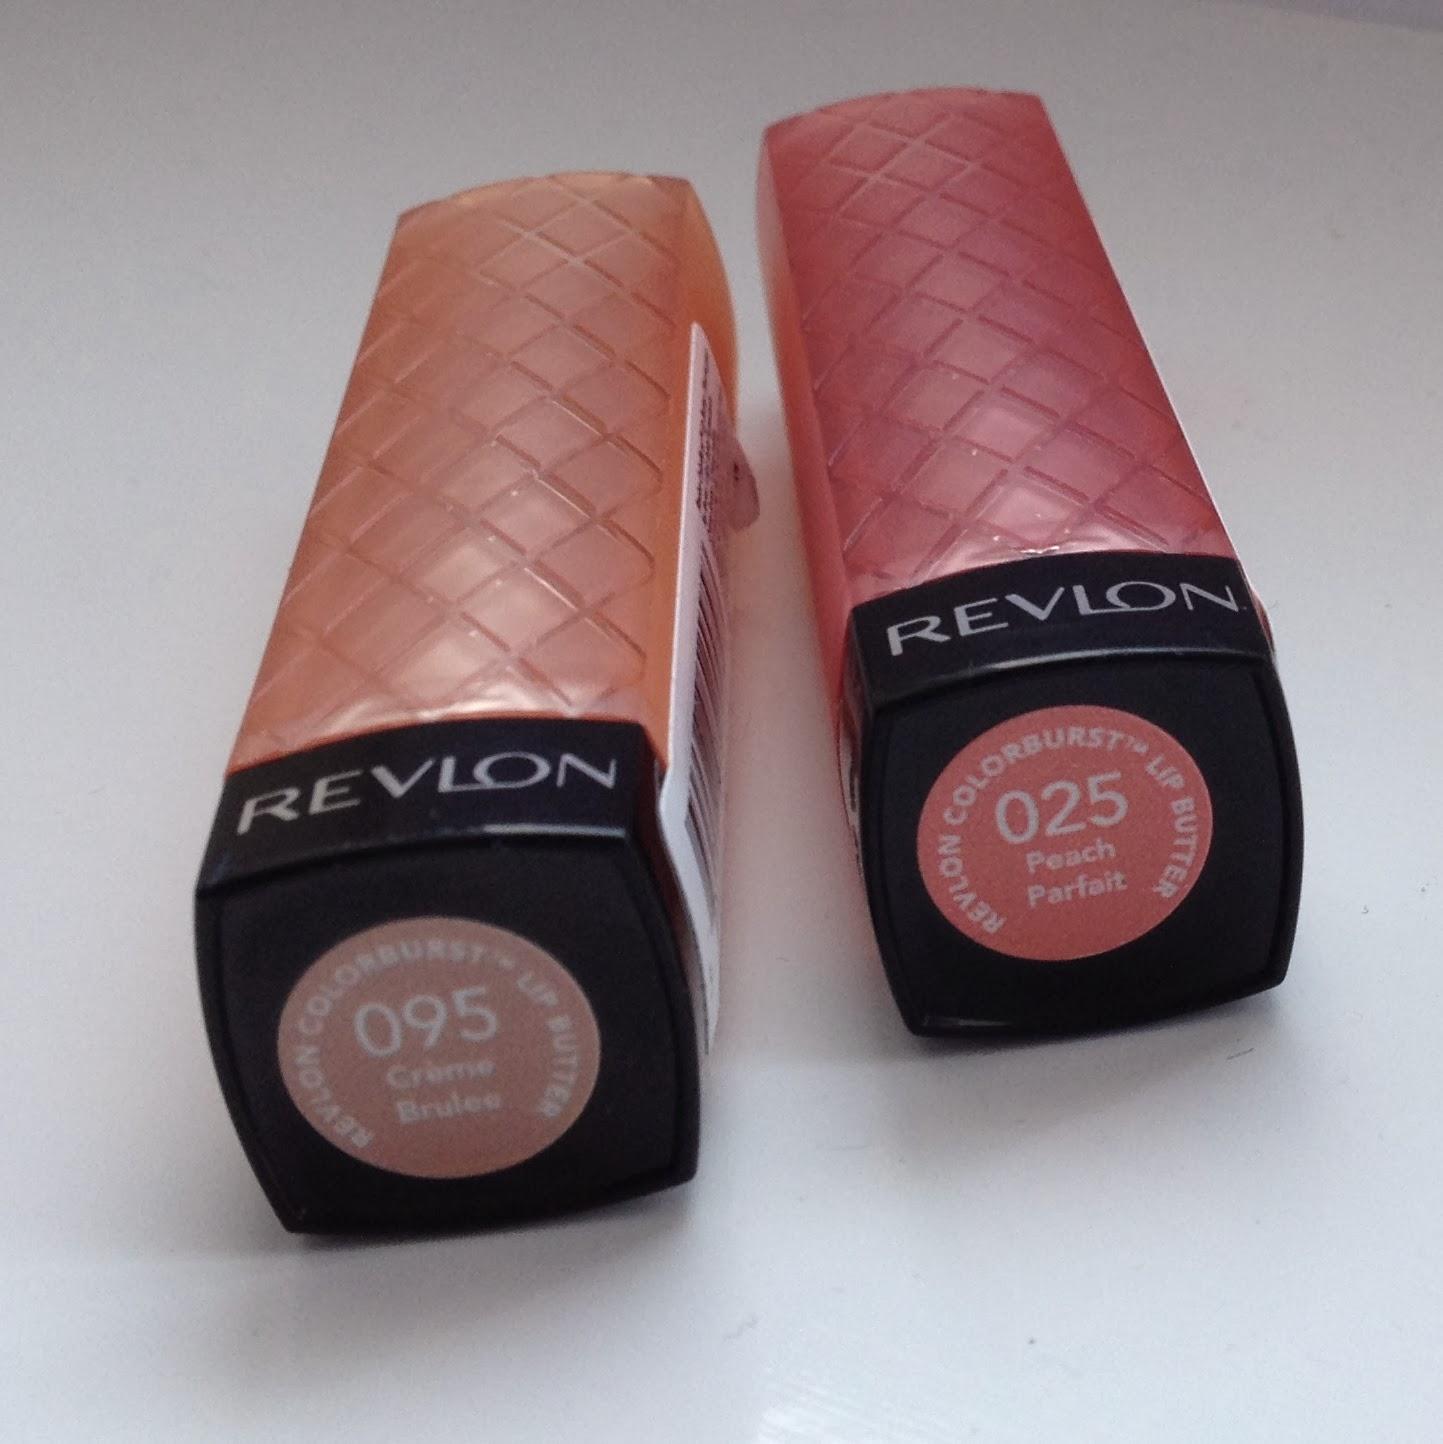 Revlon-lip-butter-creme-brule-peach-parfait